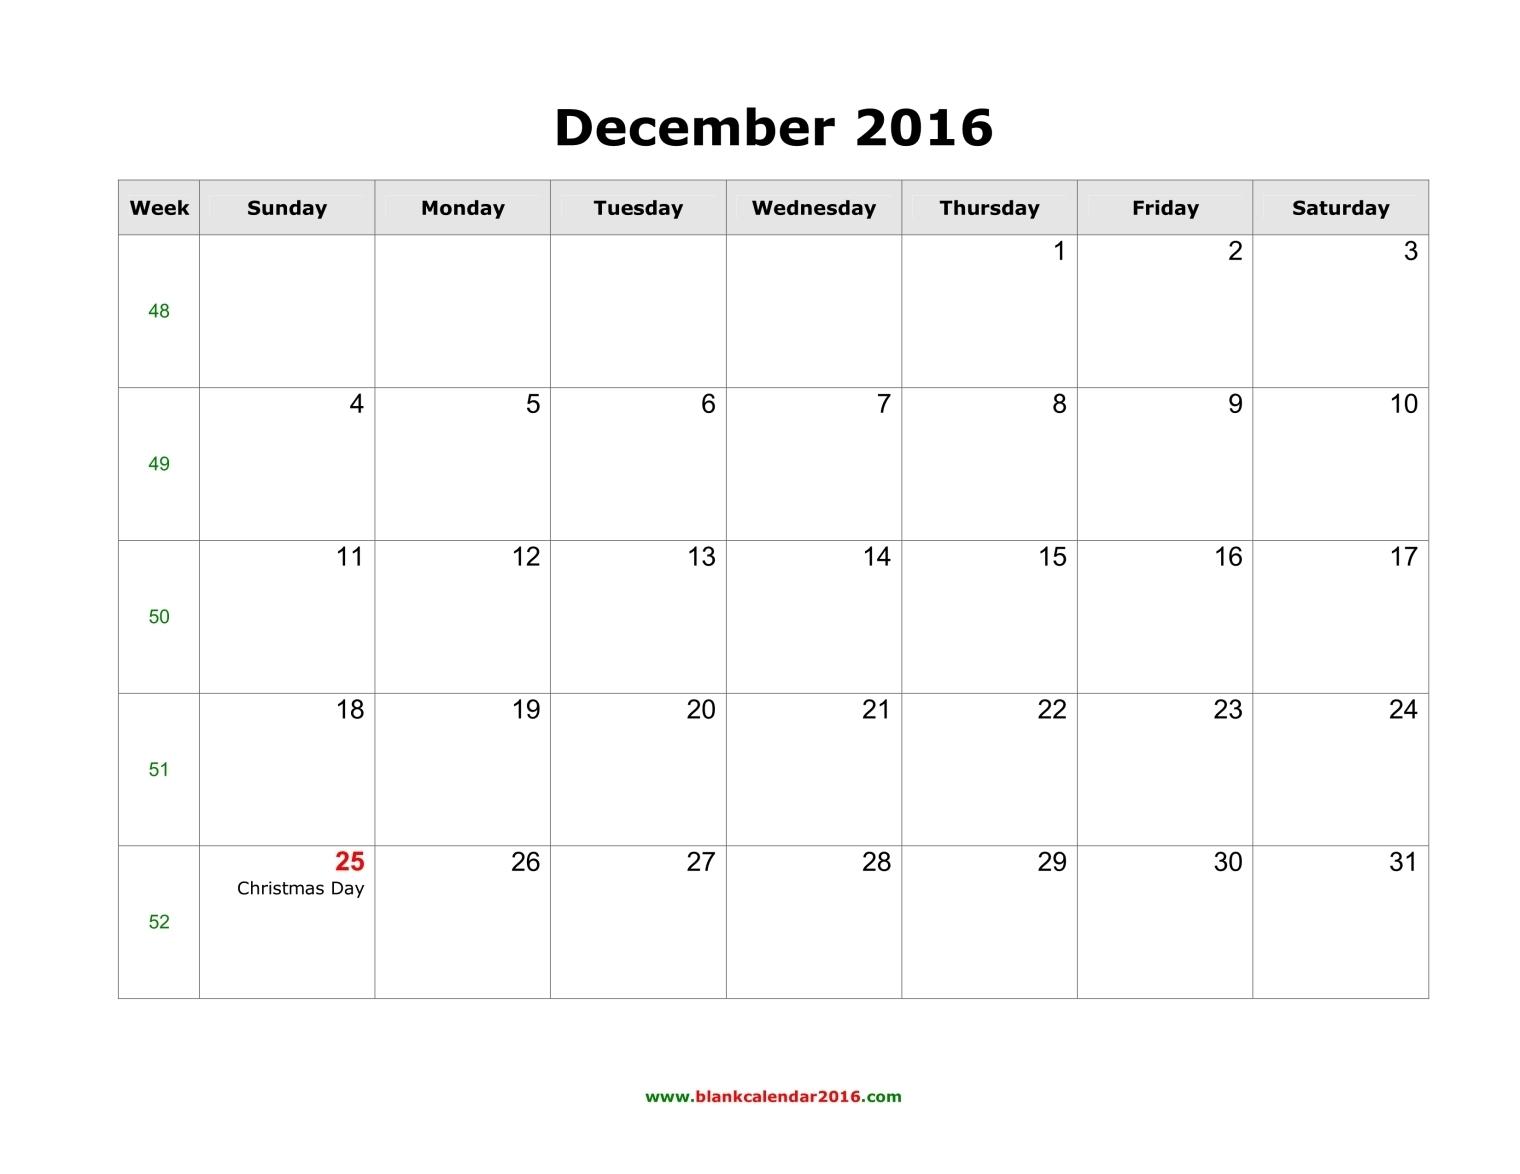 Blank Calendar for December 2016